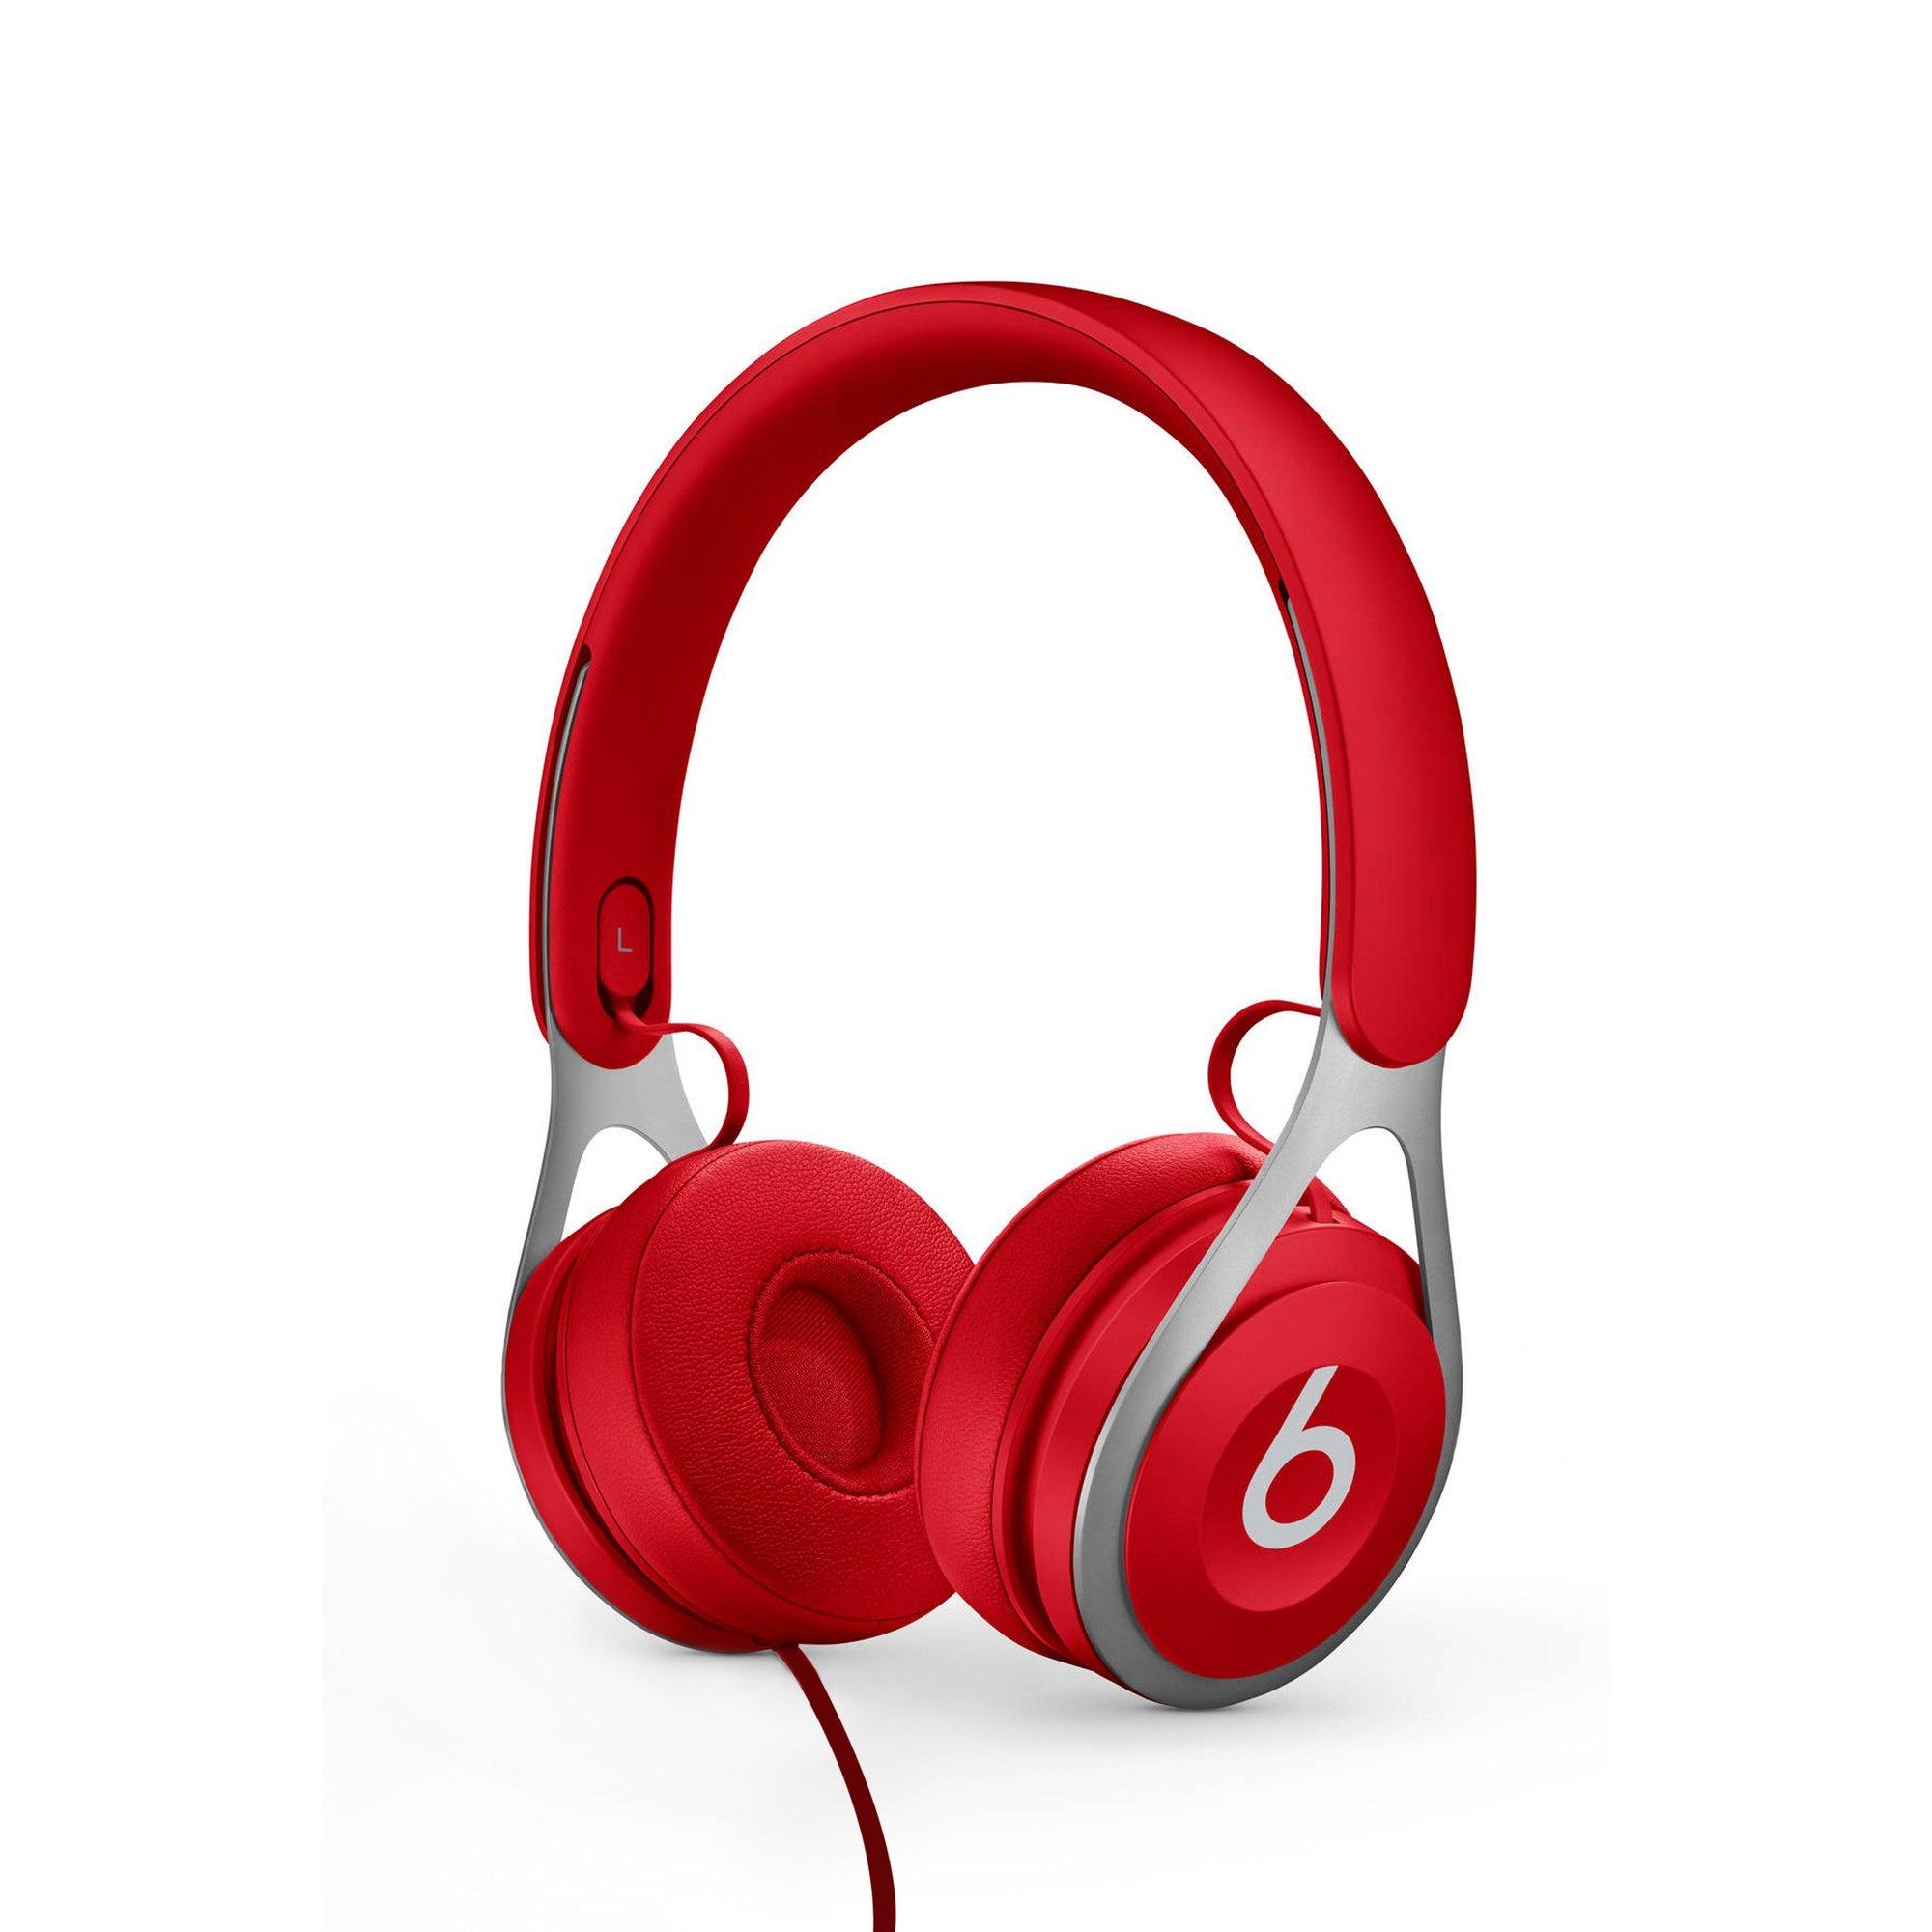 Image of Beats EP On-Ear Headphones